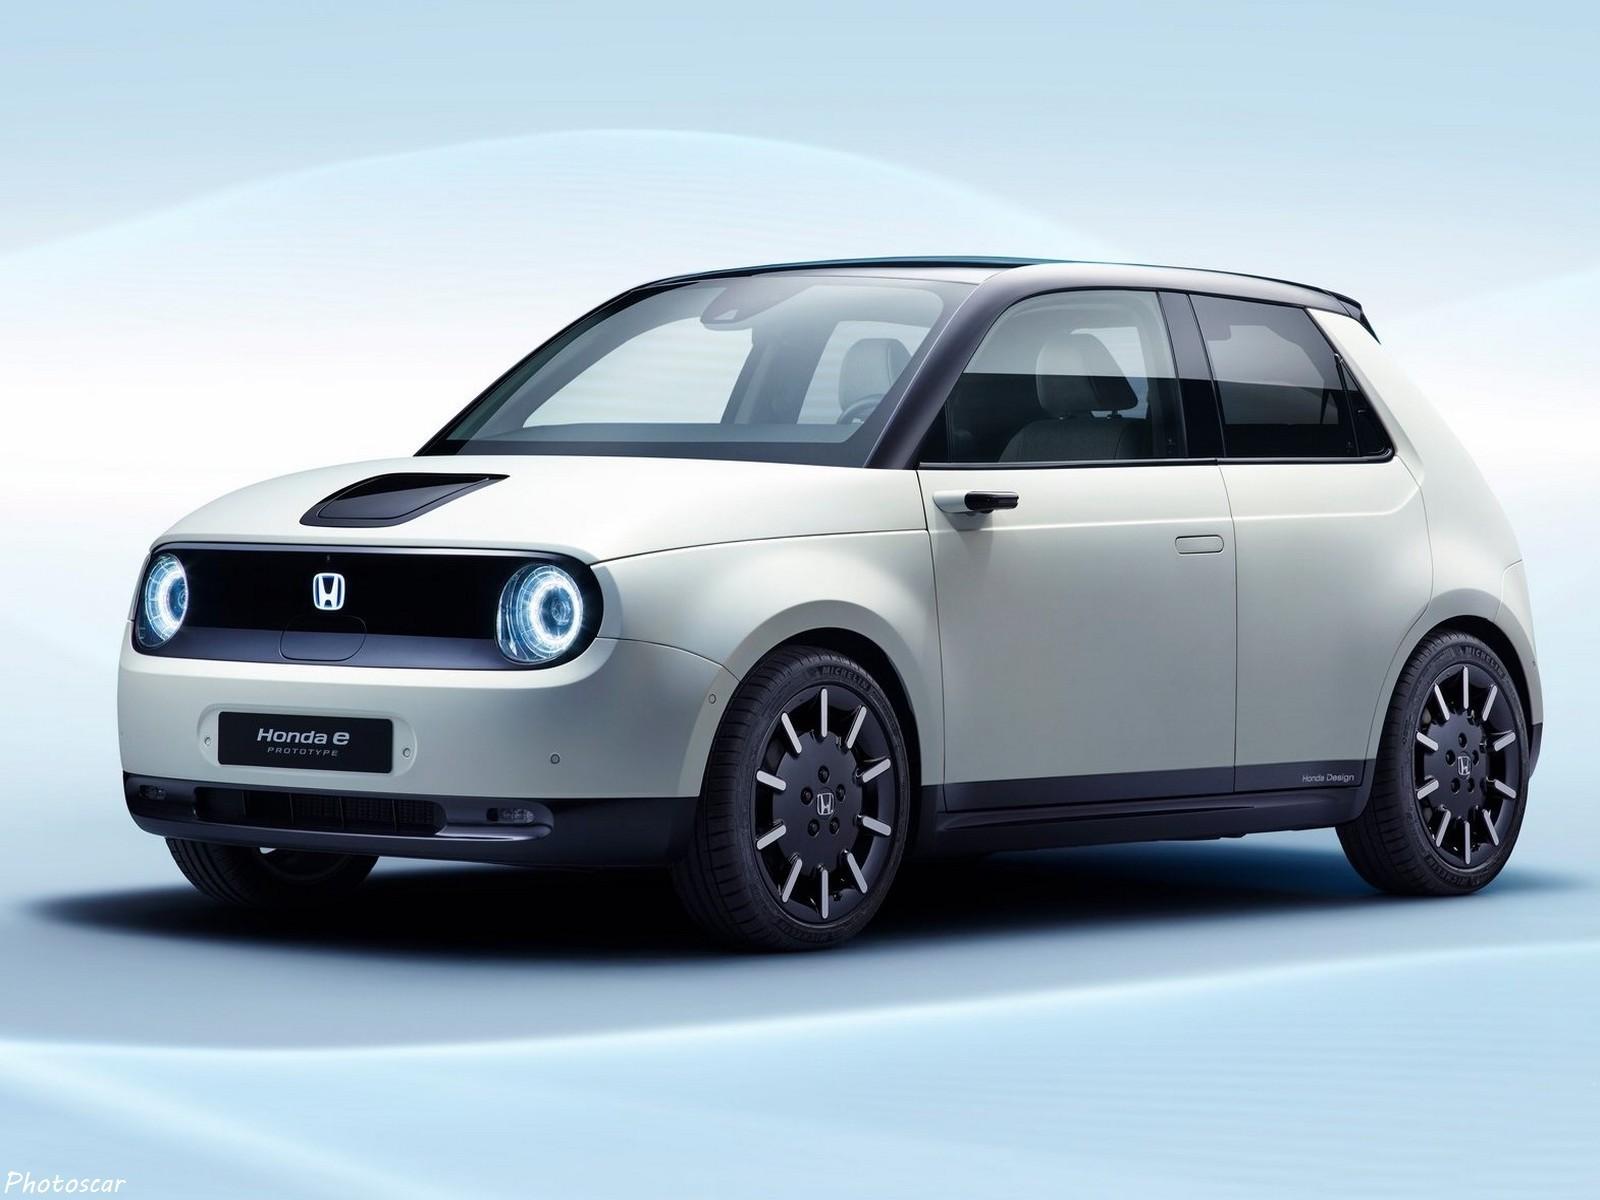 Honda e Prototype 2019 préfigure la nouvelle voiture électrique de Honda.